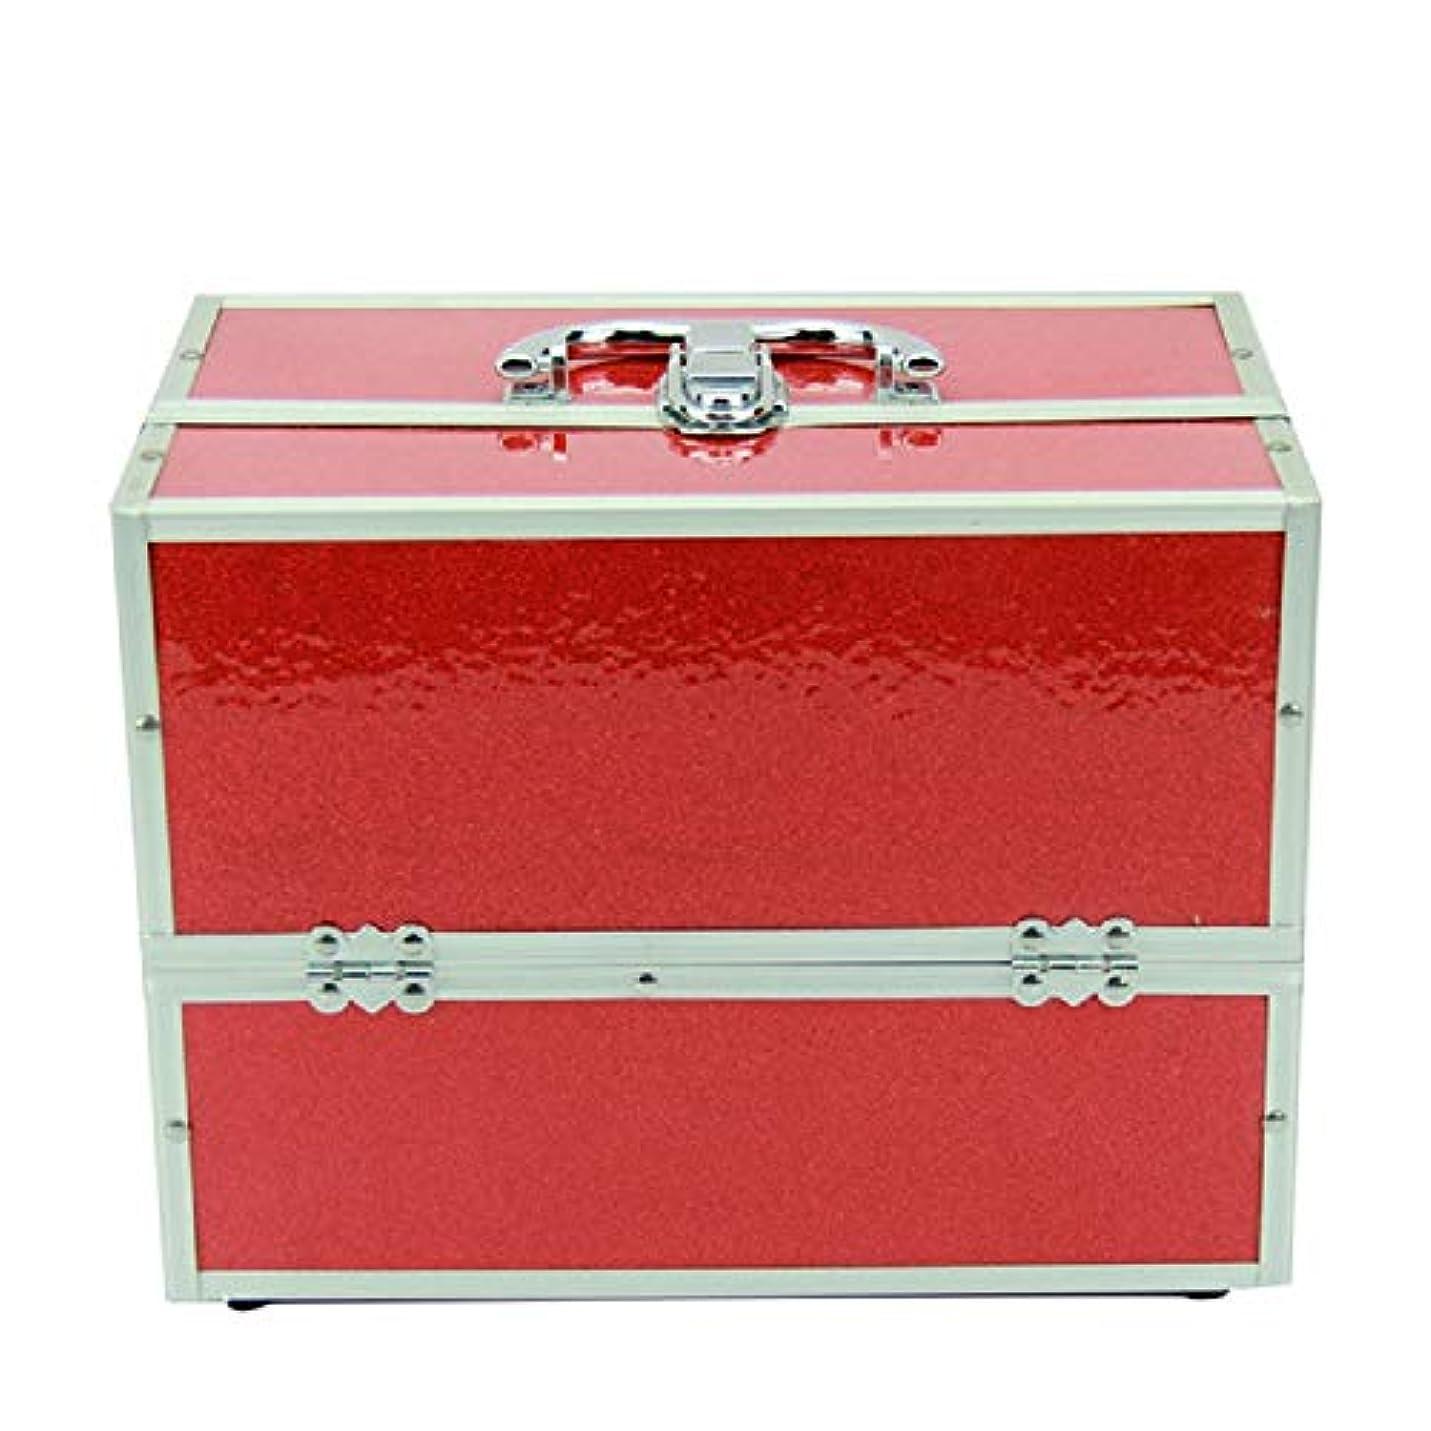 コテージシュリンク原子炉化粧オーガナイザーバッグ 純粋な色ポータブル化粧品ケーストラベルアクセサリーシャンプーボディウォッシュパーソナルアイテムストレージロックとスライディングトレイ 化粧品ケース